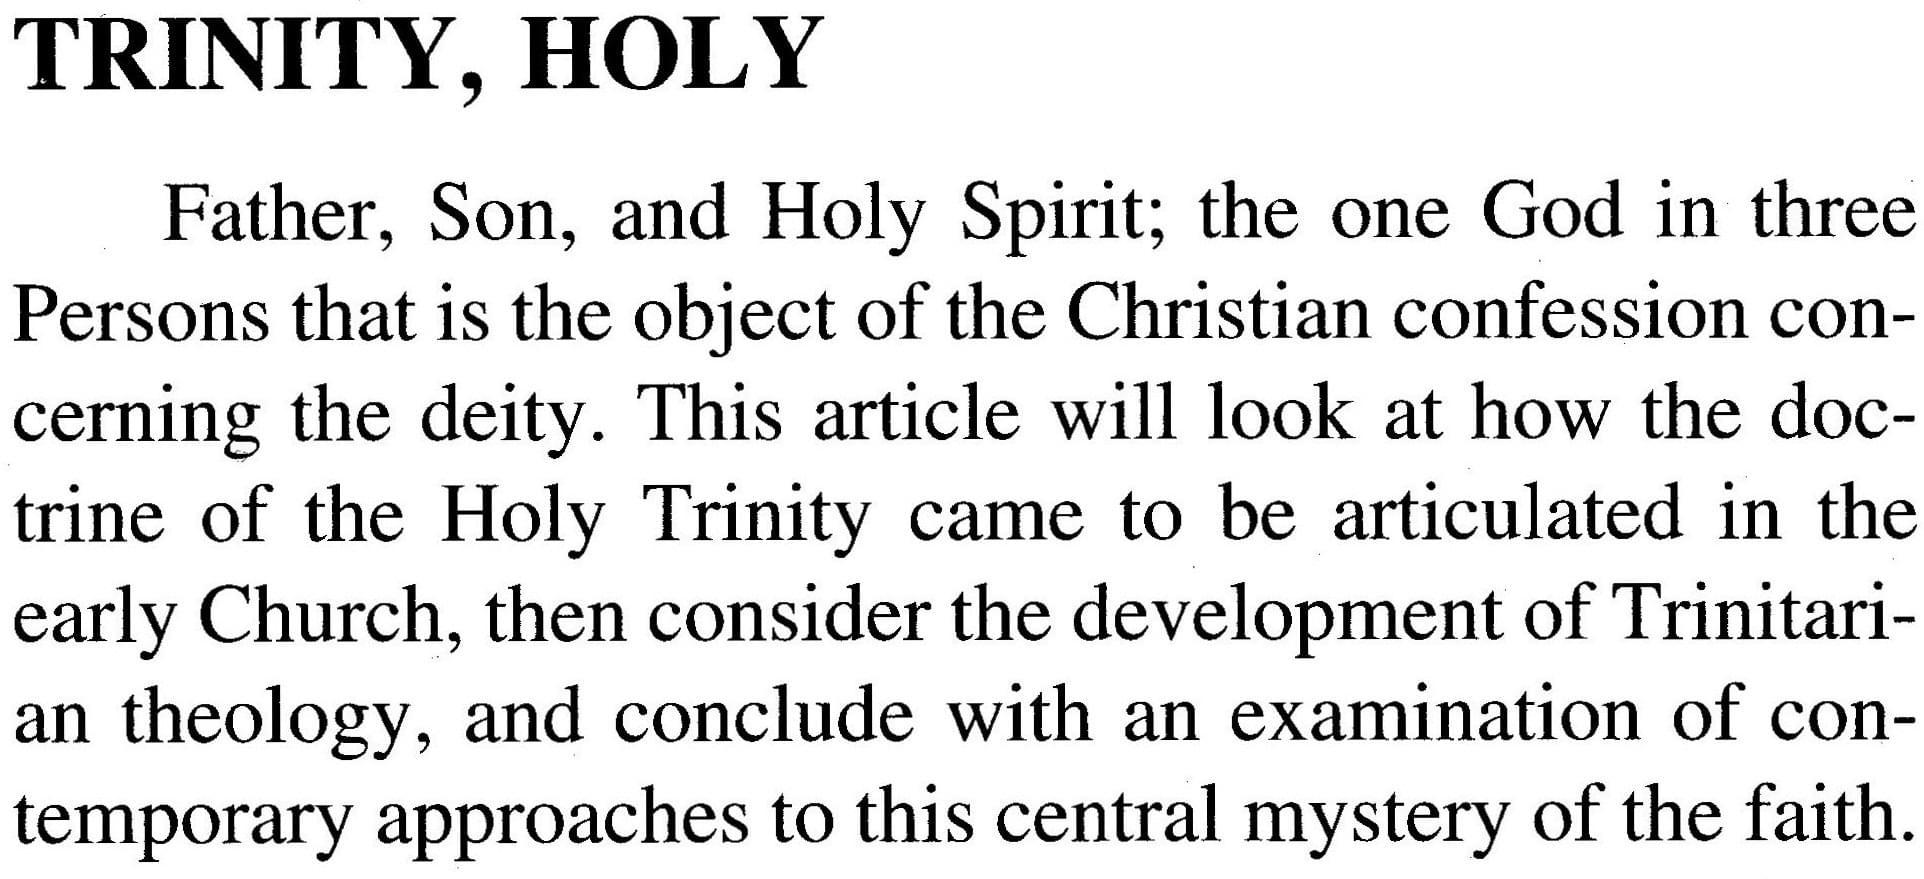 New Catholic Encyclopedia